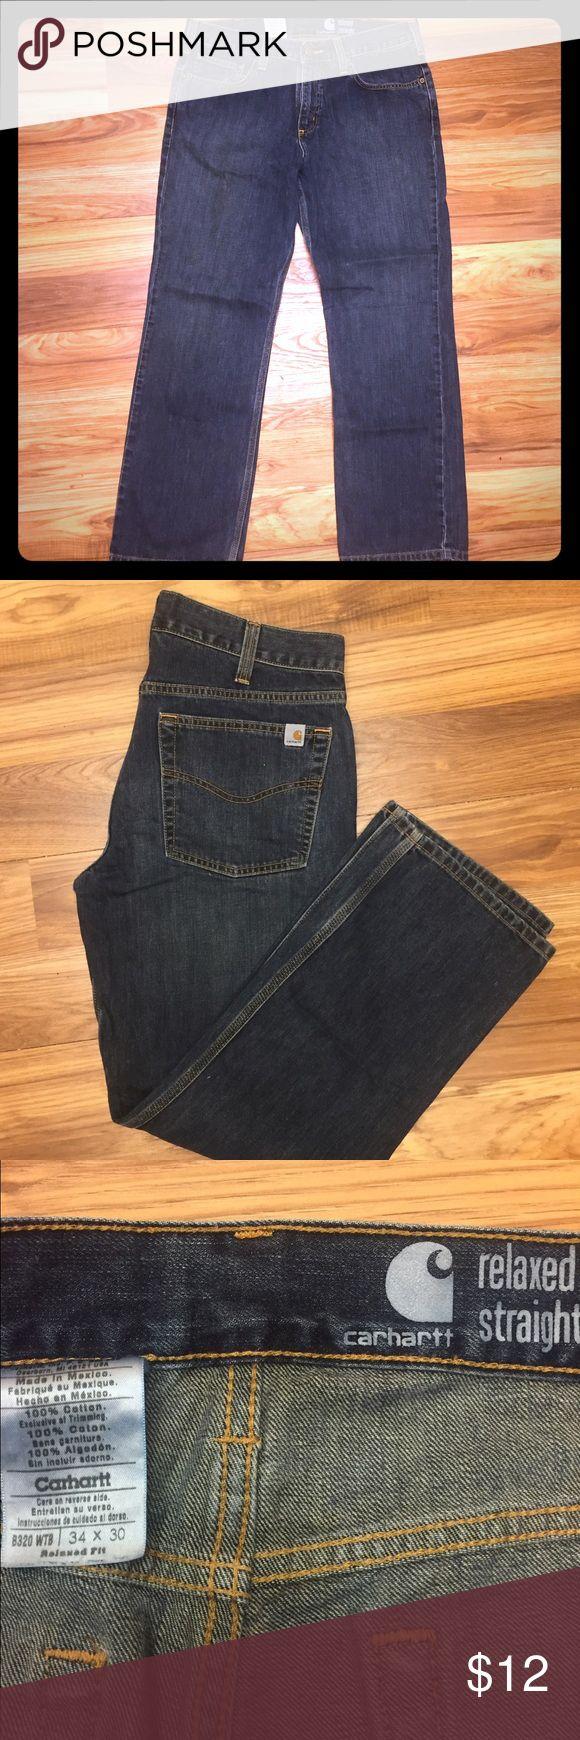 Men's Carhartt jeans Men's relaxed straight Carhartt jeans. EUC. Size 34x30. Carhartt Jeans Relaxed